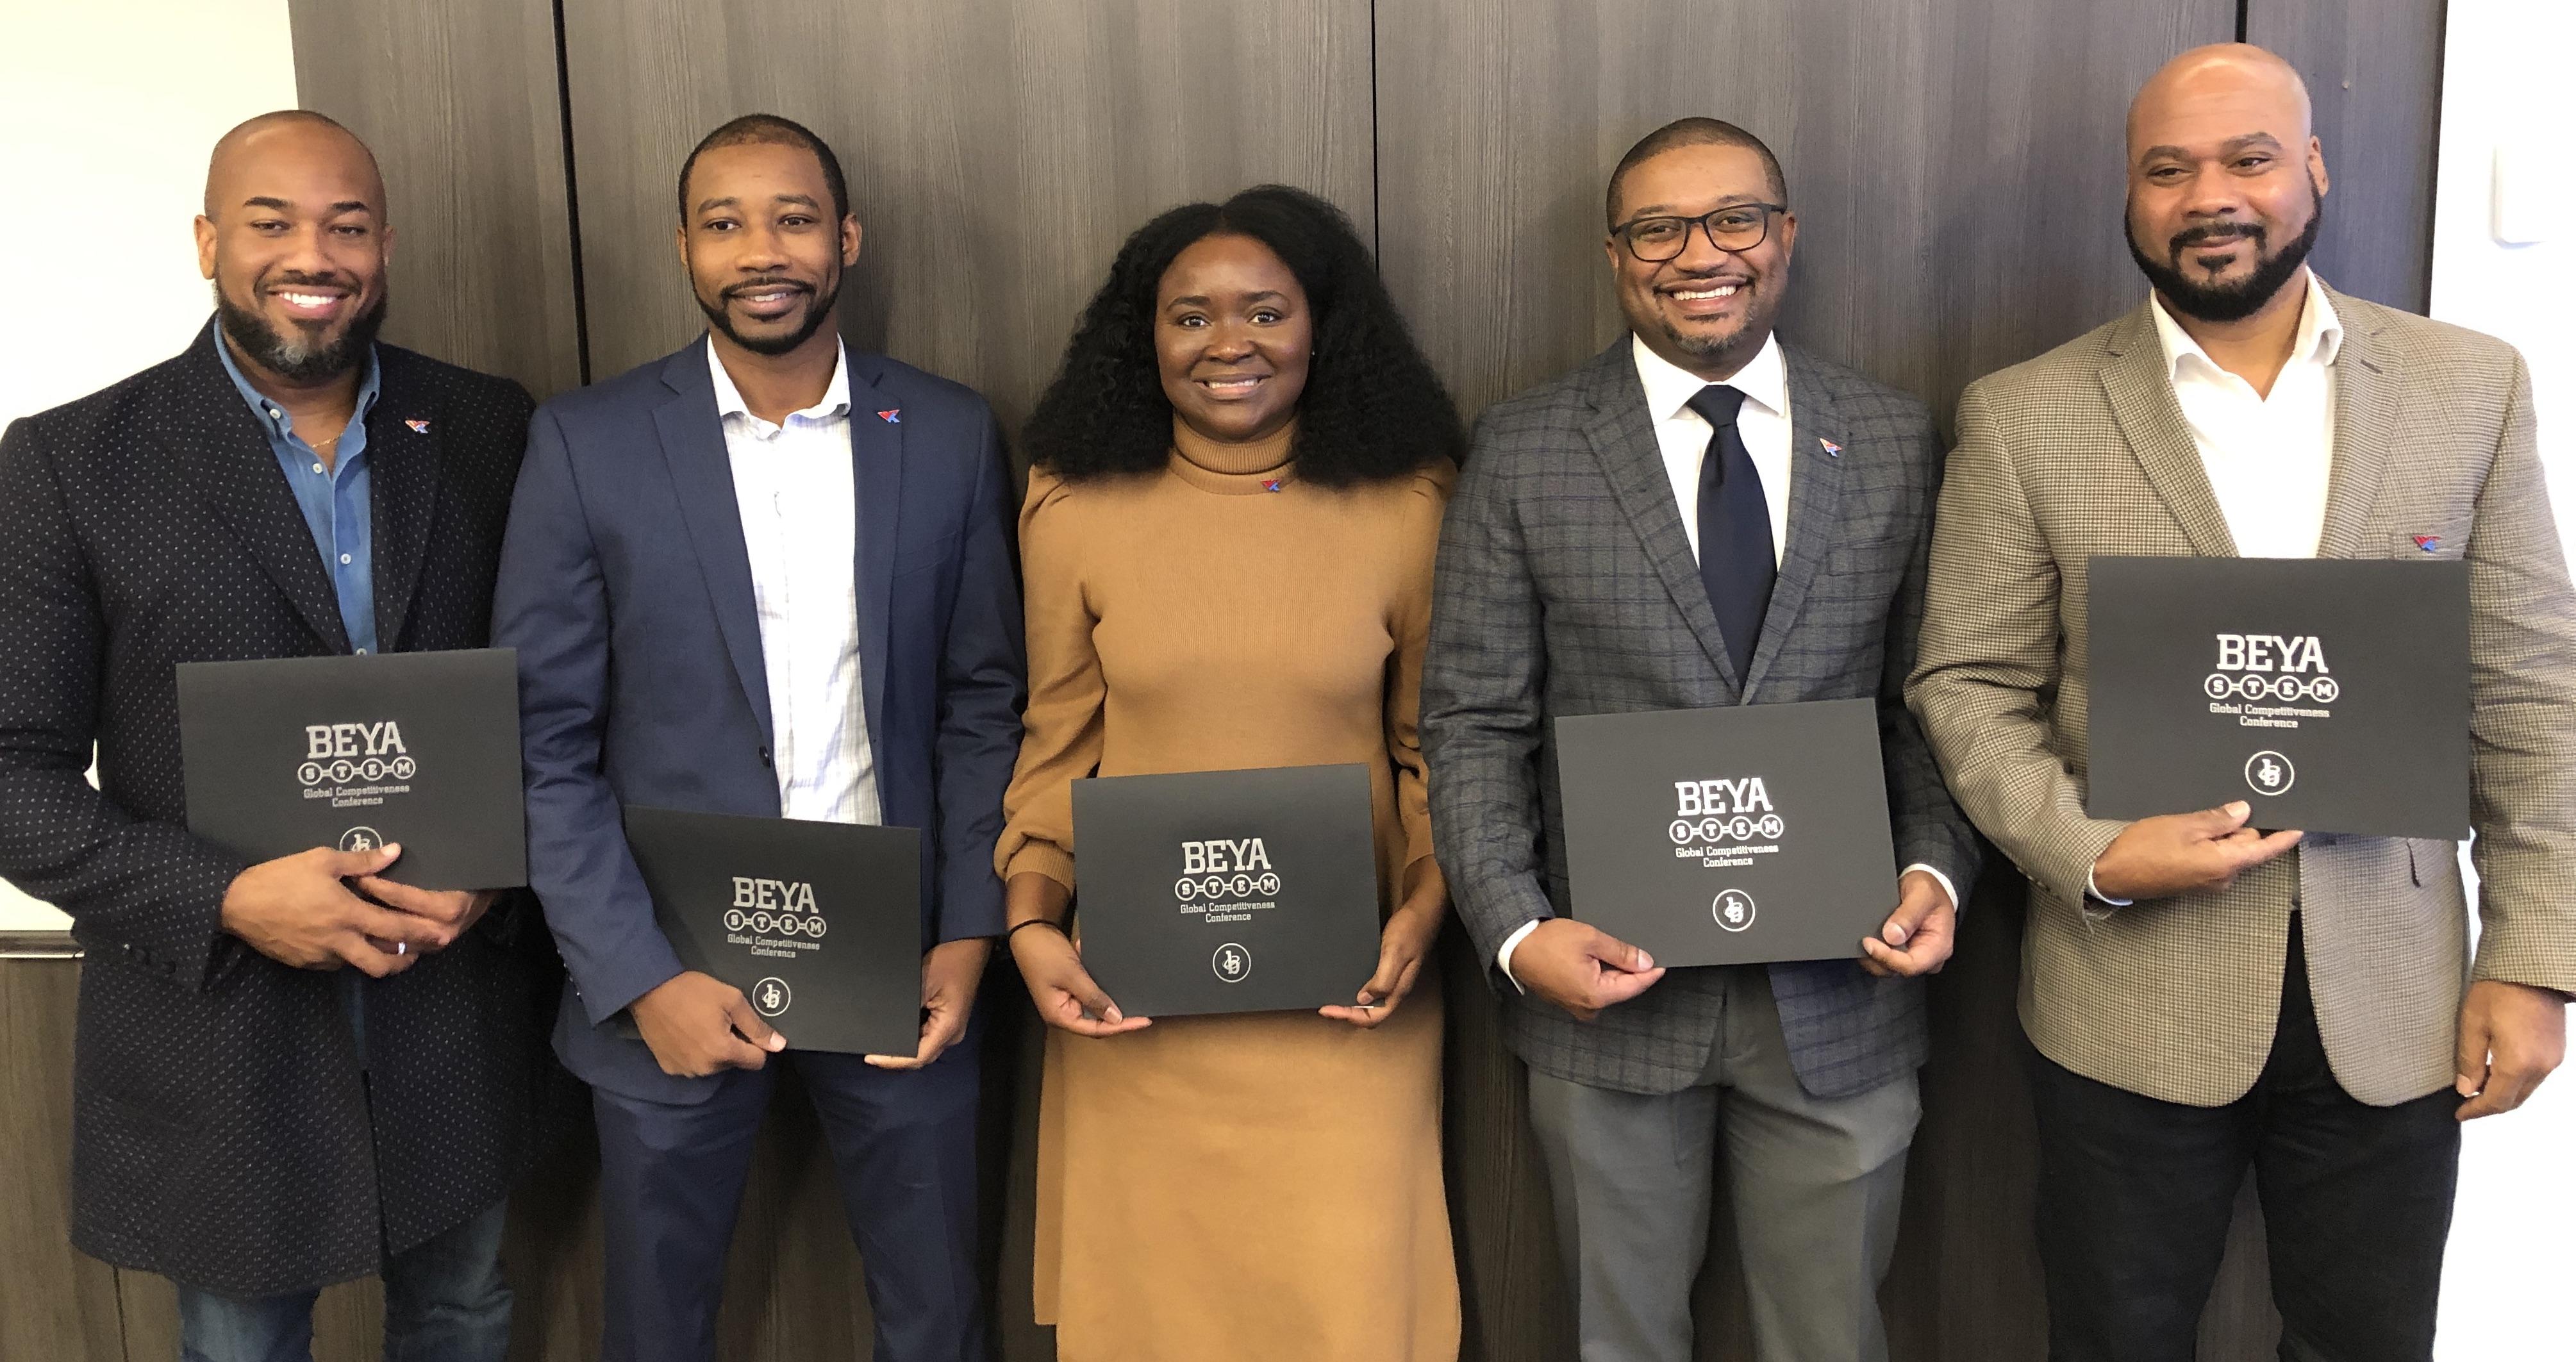 BEYA Award Winners